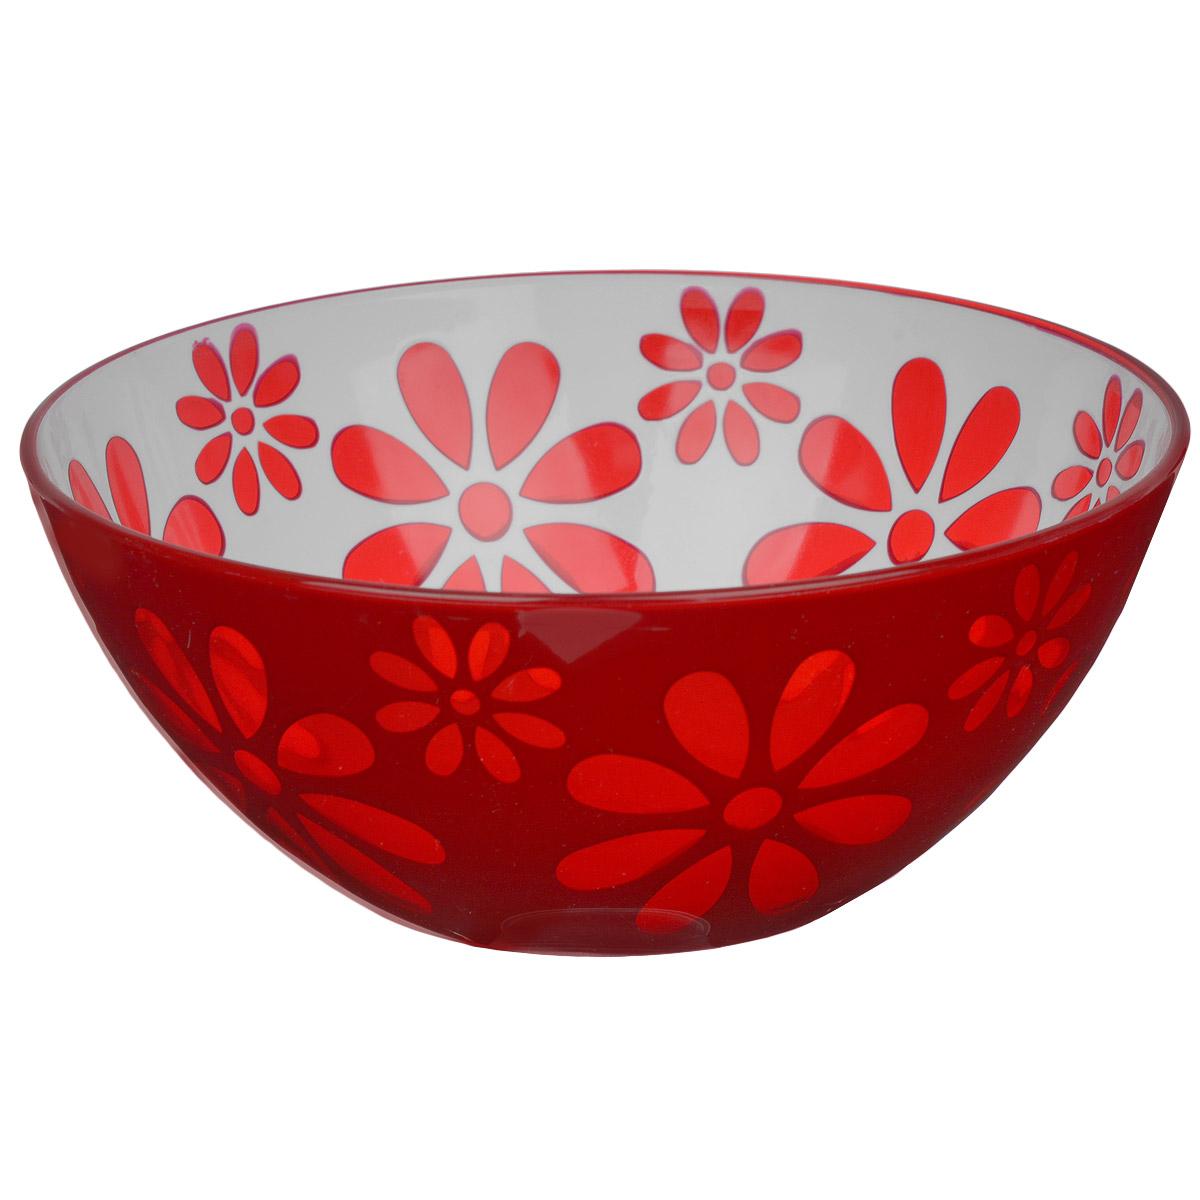 Чаша Альтернатива Соблазн, цвет: красный, 1,7 лM2320Чаша Альтернатива Соблазн изготовлена из высококачественного пластика и подходит для повседневного использования. Чаша отлично подойдет для овсяных хлопьев, фруктов, риса или некоторых видов десерта. Также в ней можно приготовить салаты. Приятный дизайн подойдет практически для любого случая.